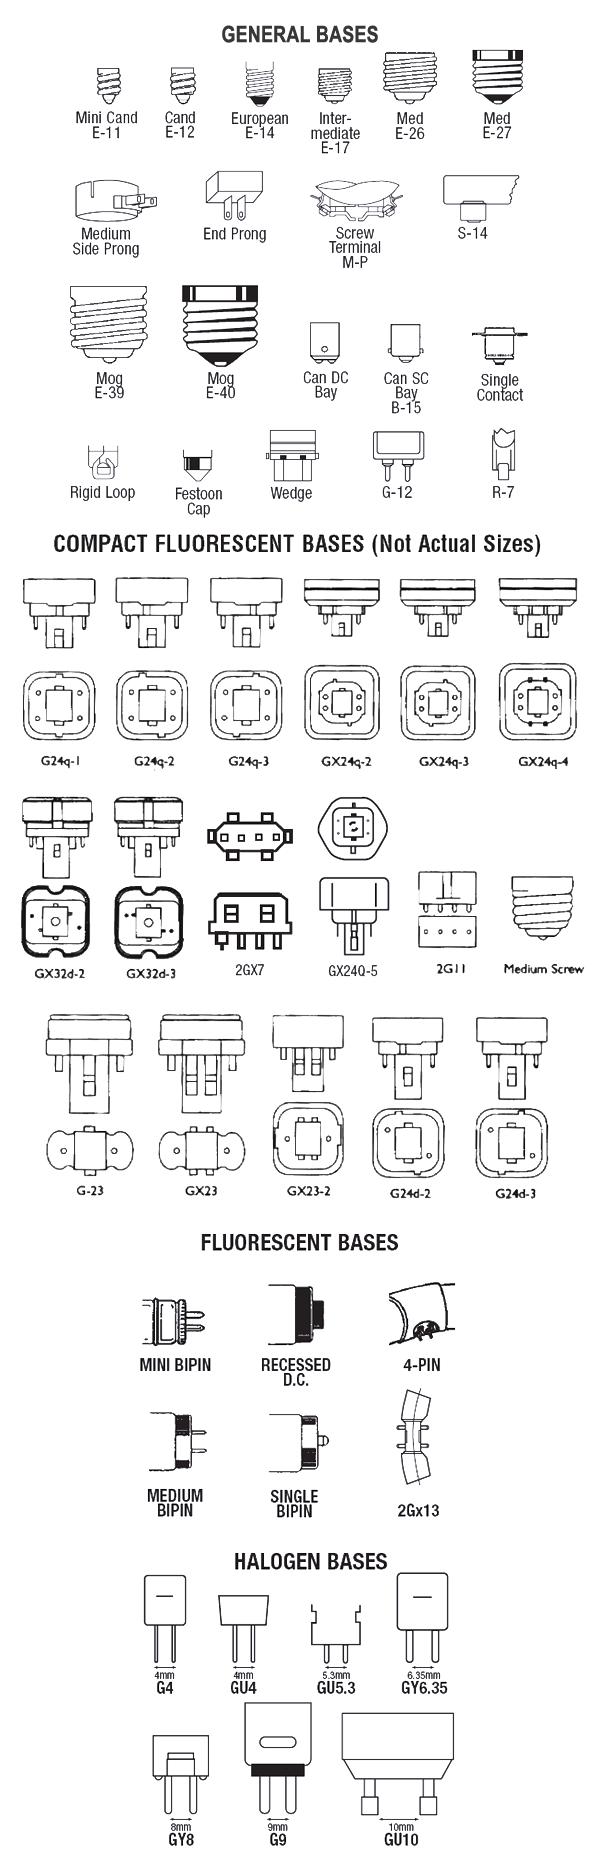 Handy Illustrations Of Lightbulb Bases Remember For